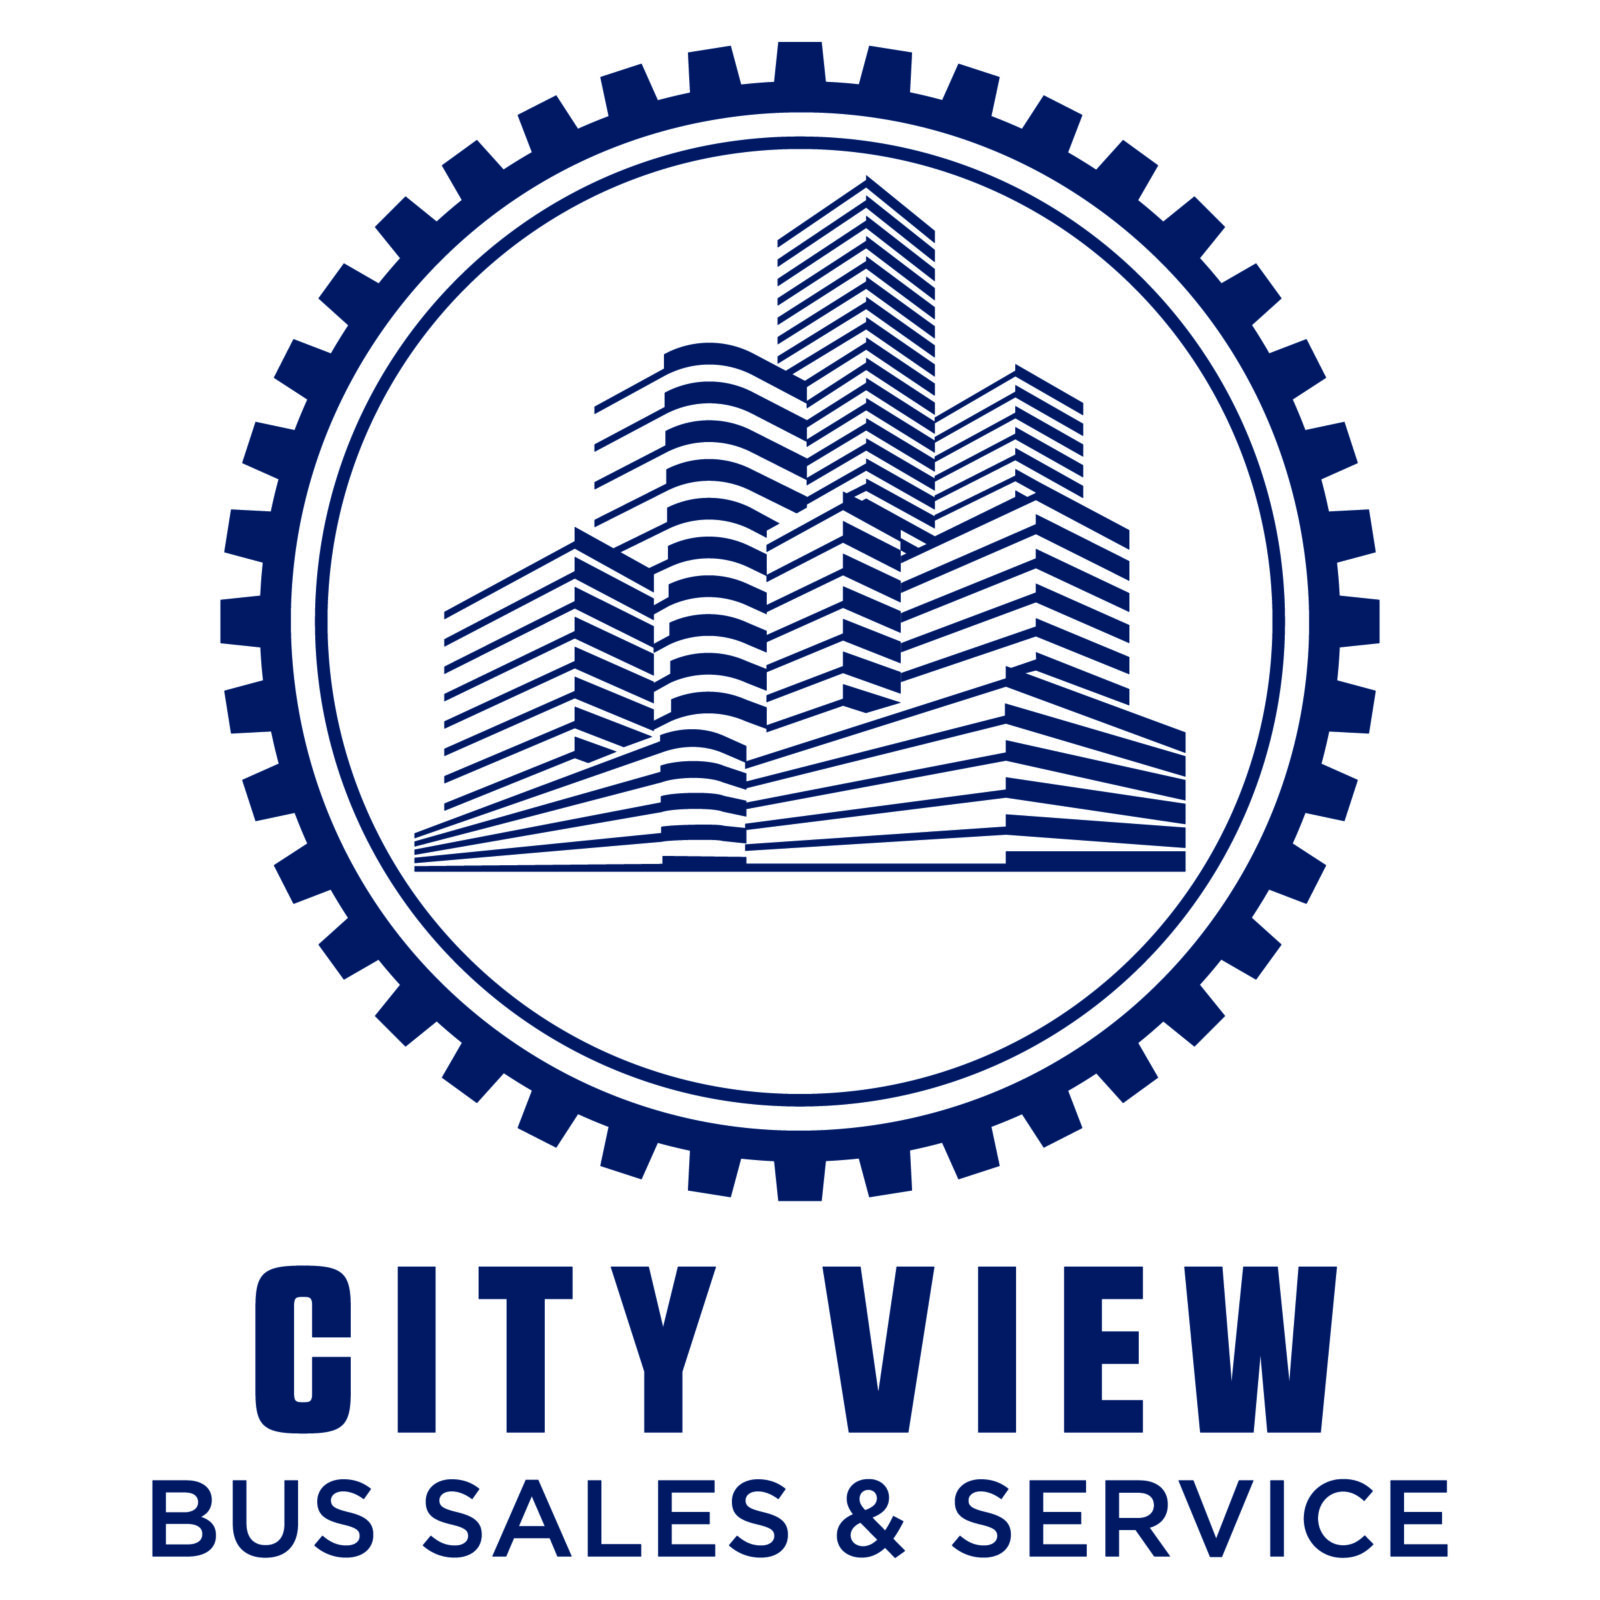 City View Bus Sales & Service LTD.